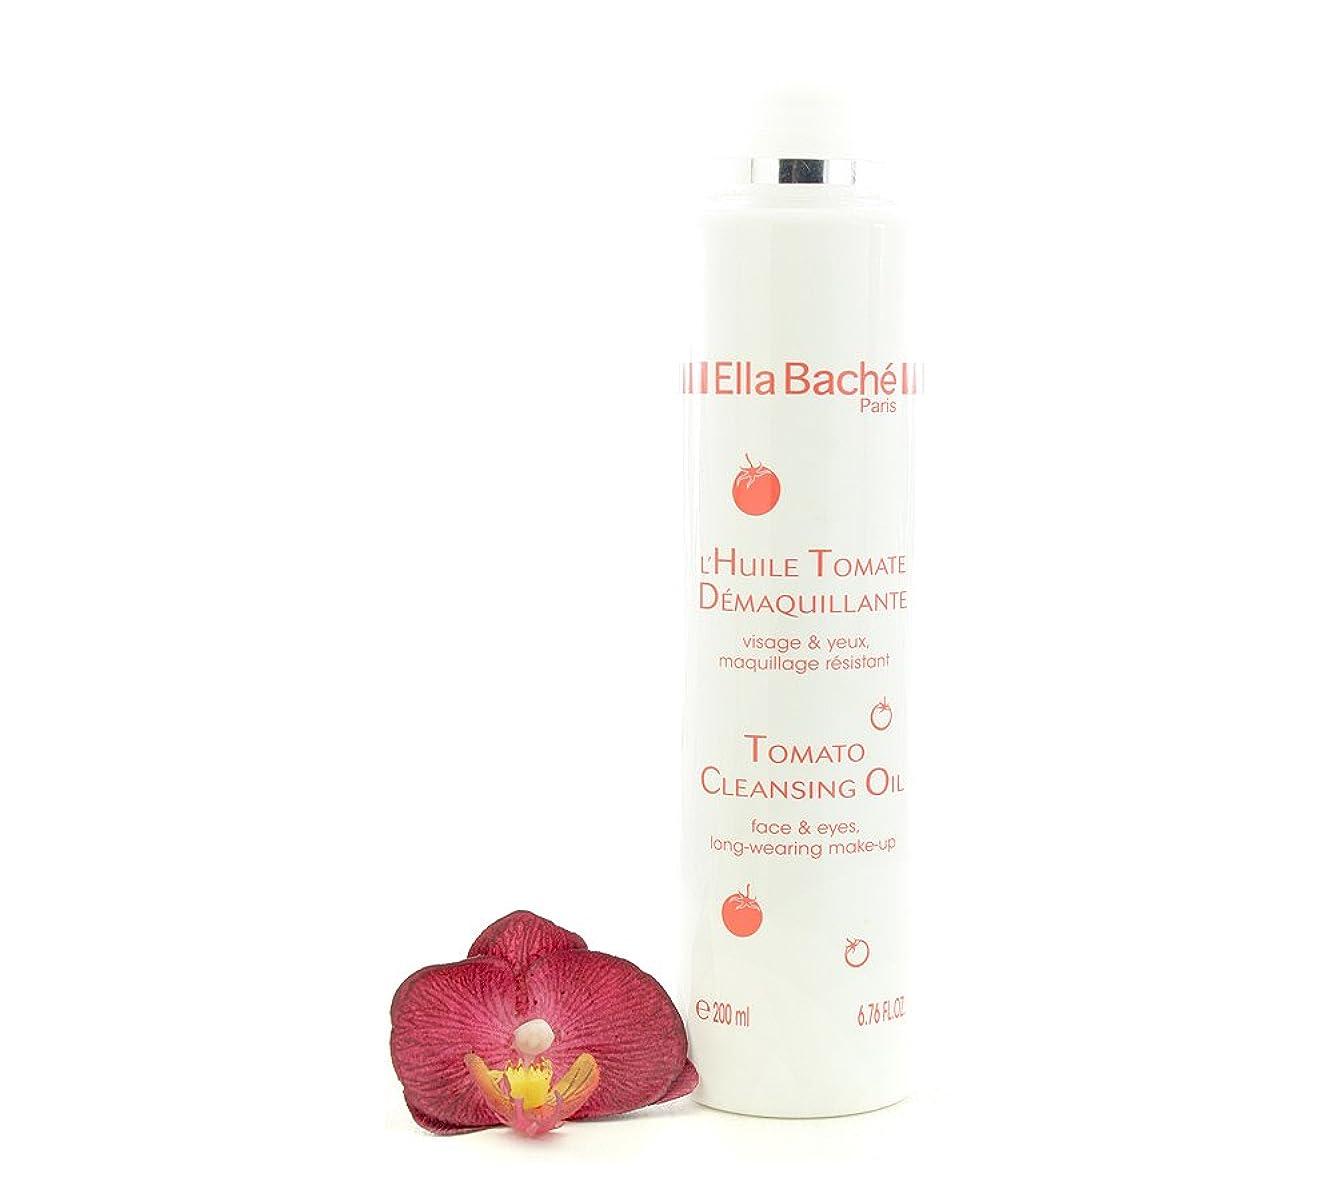 私たちのもの常習者崇拝するエラバシェ Tomato Cleansing Oil for Face & Eyes, Long-Wearing Make-Up 200ml/6.76oz並行輸入品